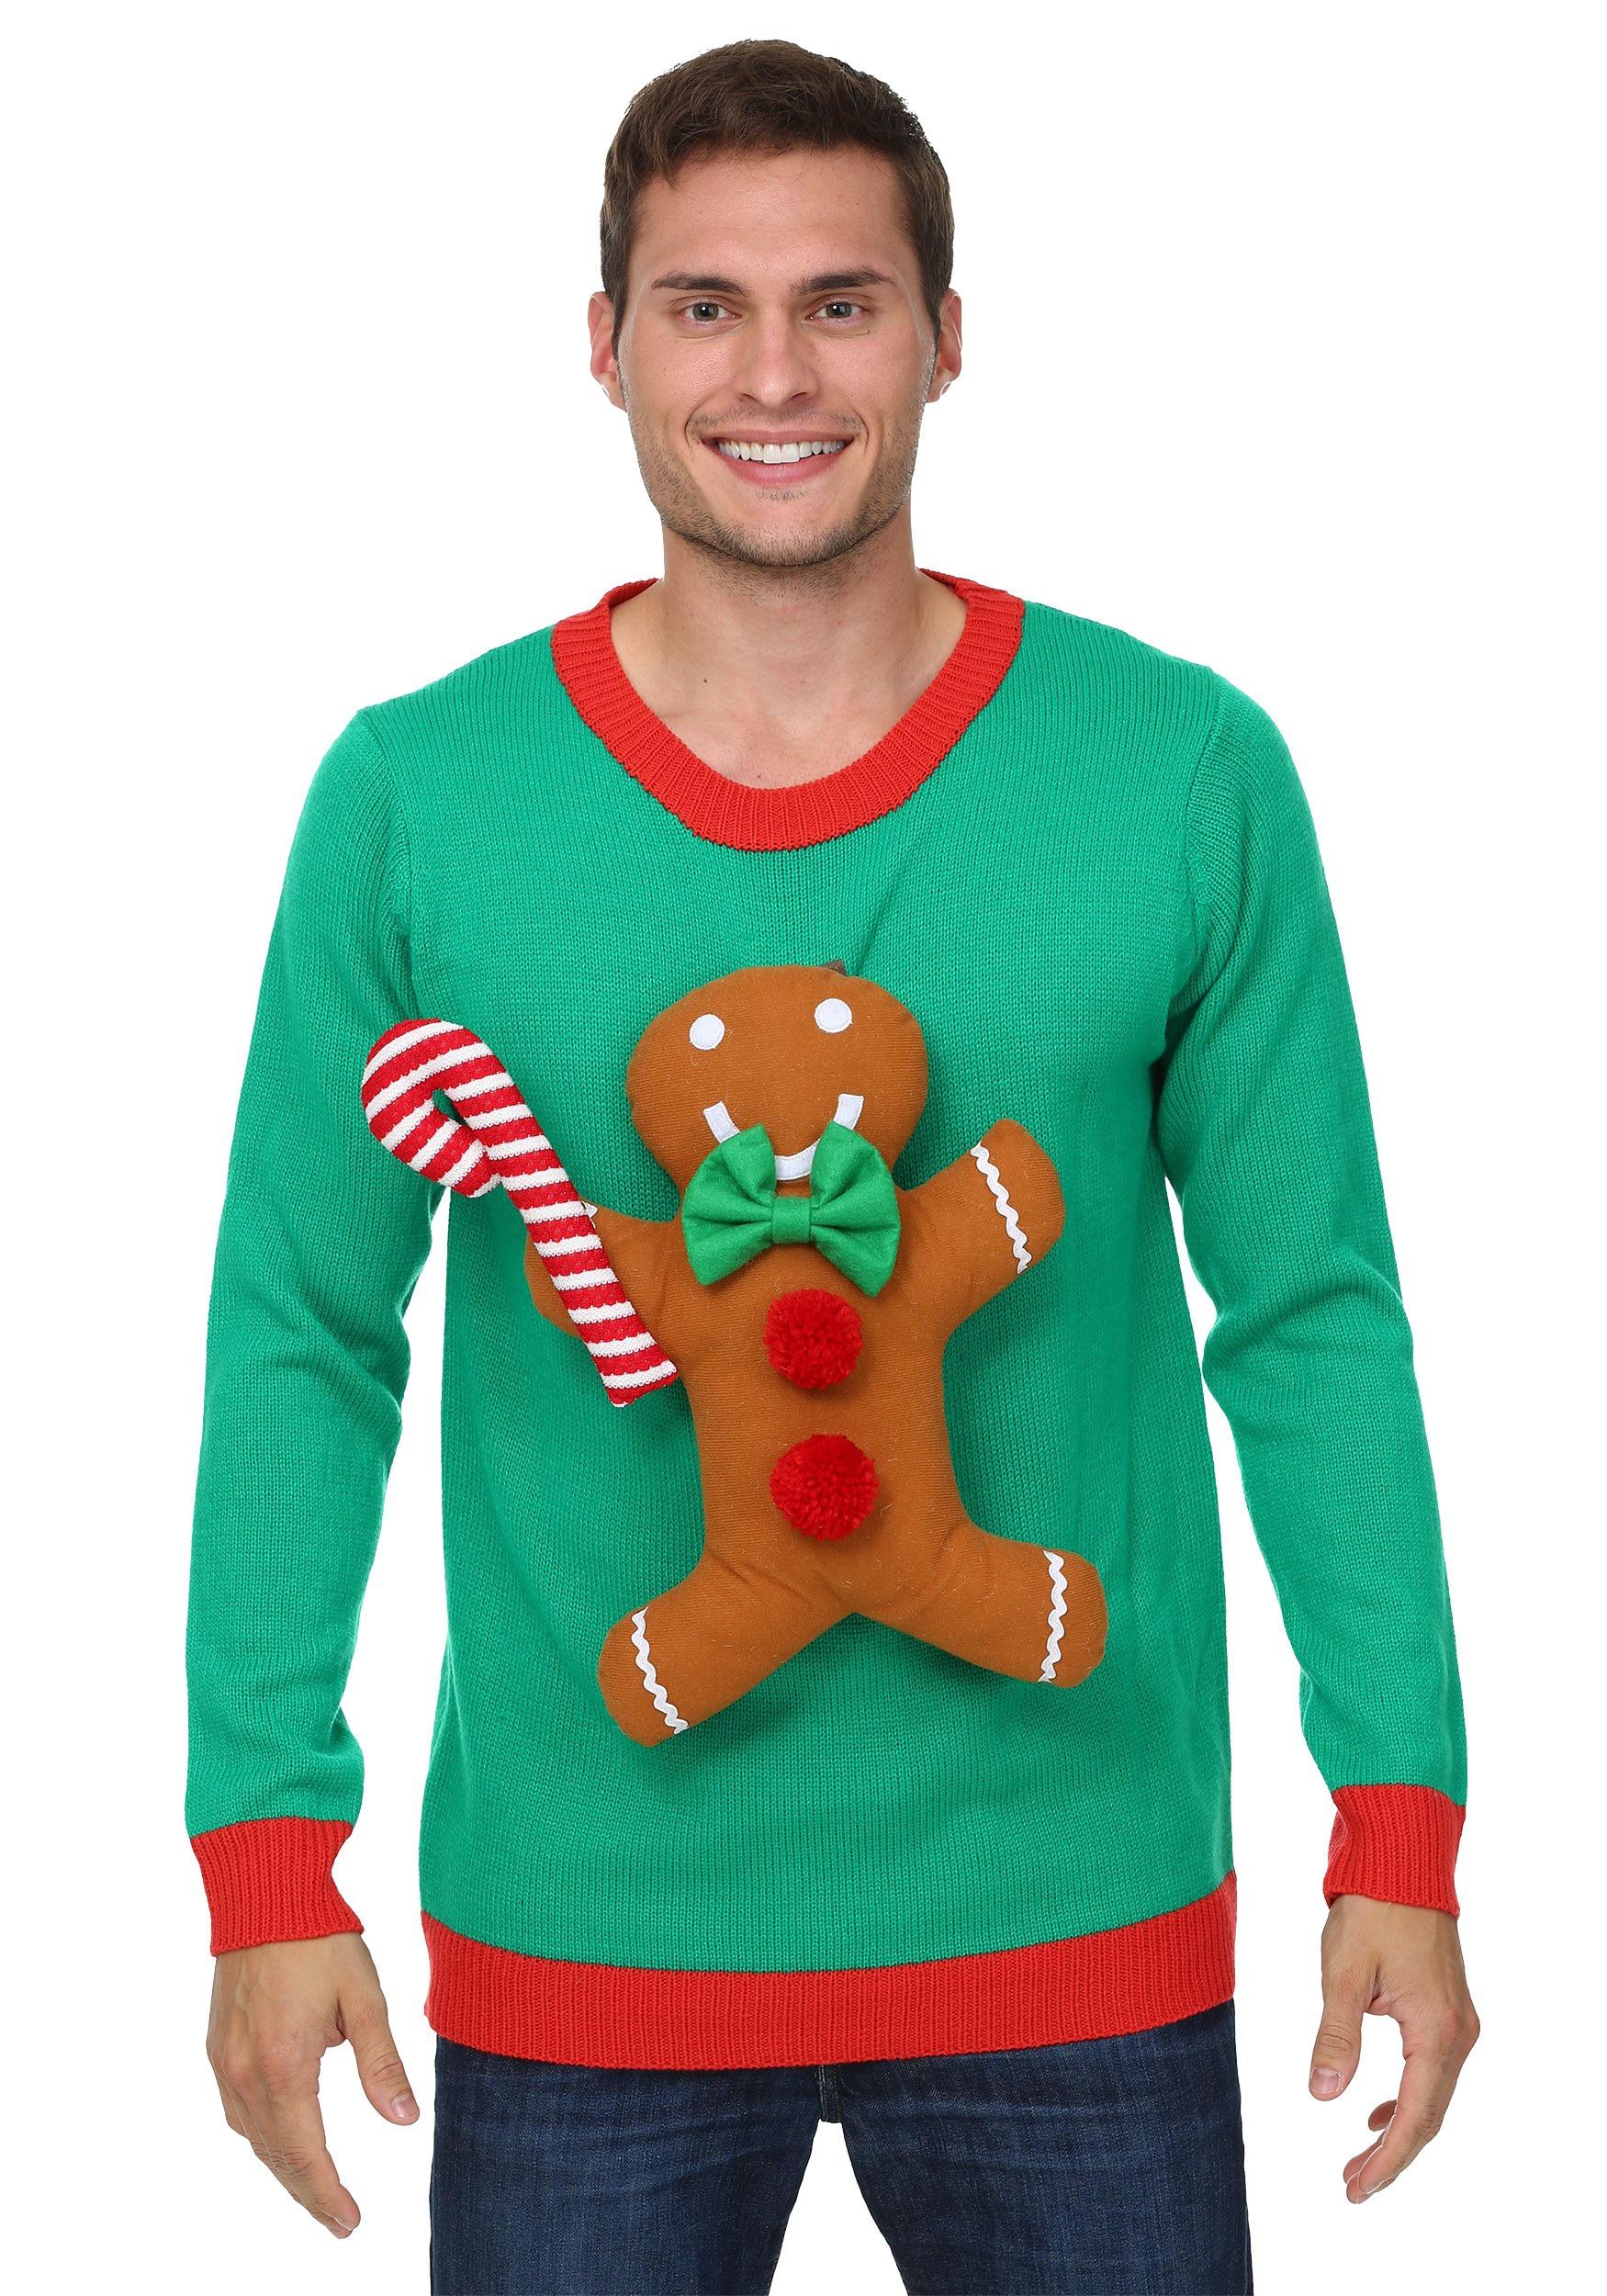 Guy In Christmas Sweater Wwwmiifotoscom